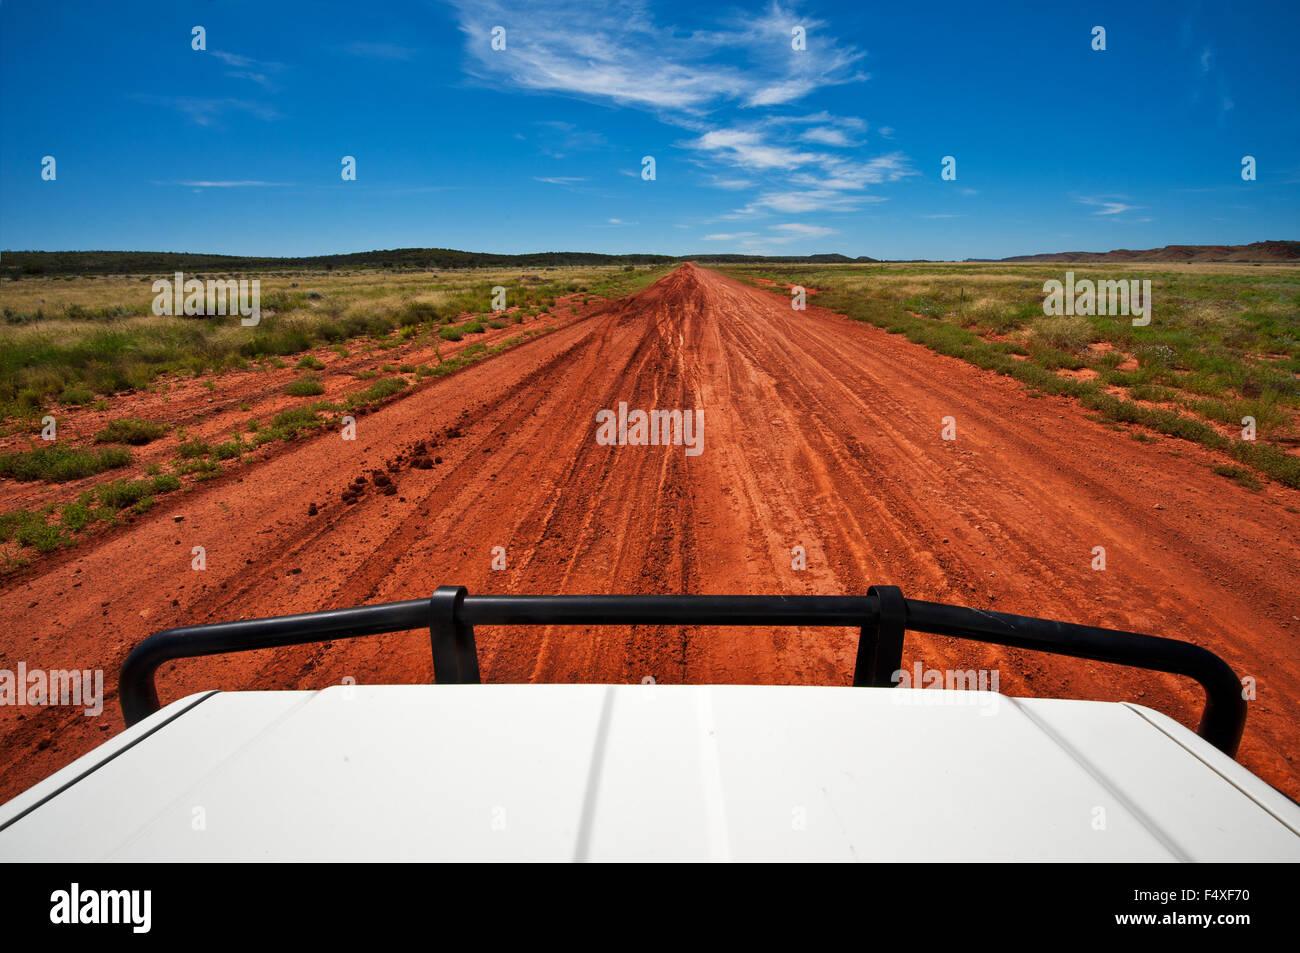 Desierto rojo vía en el centro de Australia. Imagen De Stock